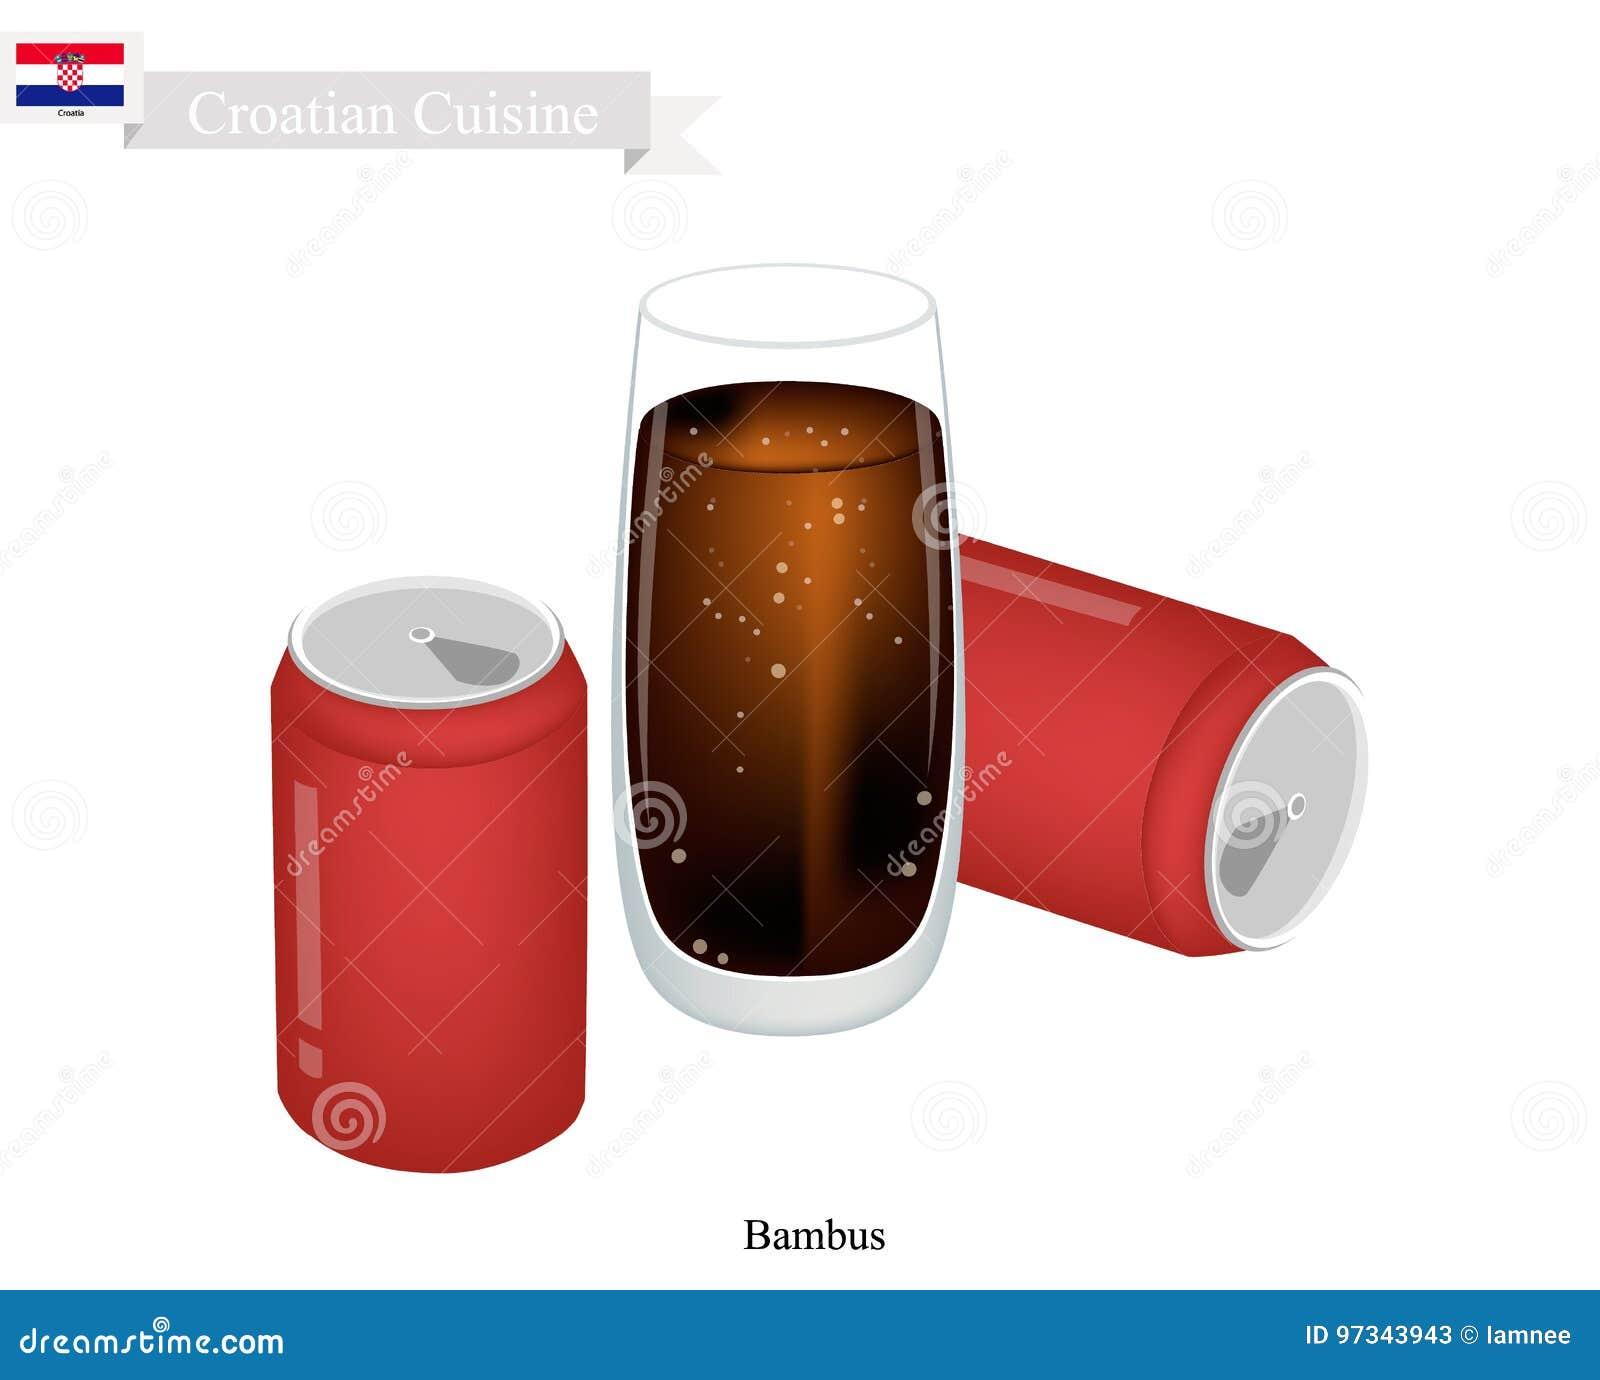 Bambus, Berühmtestes Getränk A In Kroatien Vektor Abbildung ...